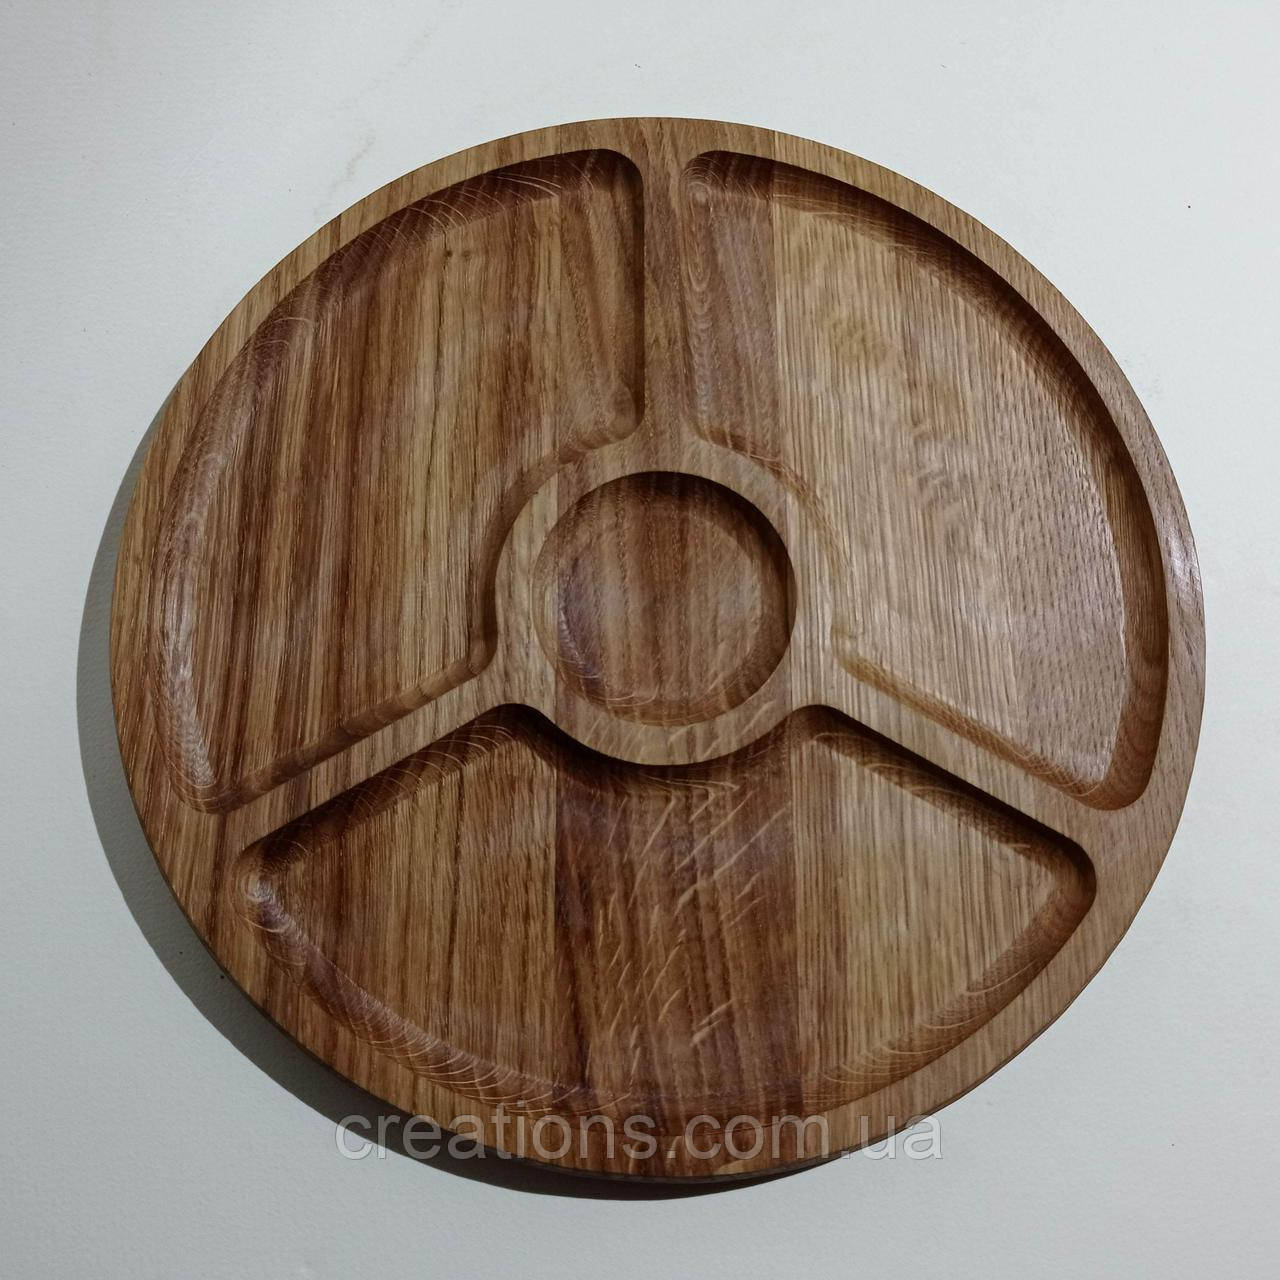 Менажница деревянная доска для подачи блюд 30 см. круглая на 3 секции с соусницей двусторонняя